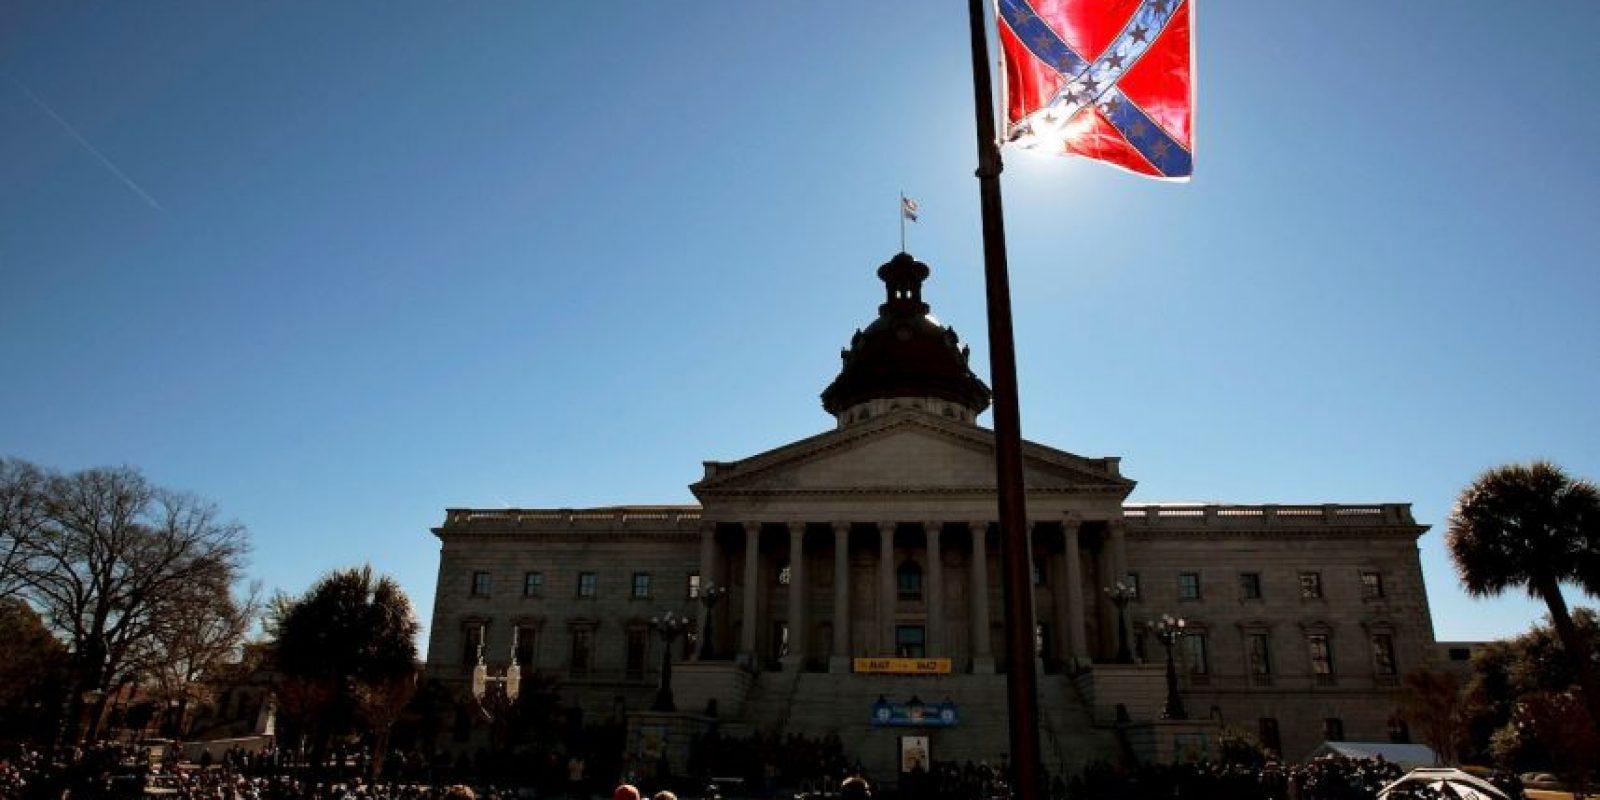 Aumenta la presión para retirar en los Estados Unidos la Bandera de la Confederación. Foto:Getty Images